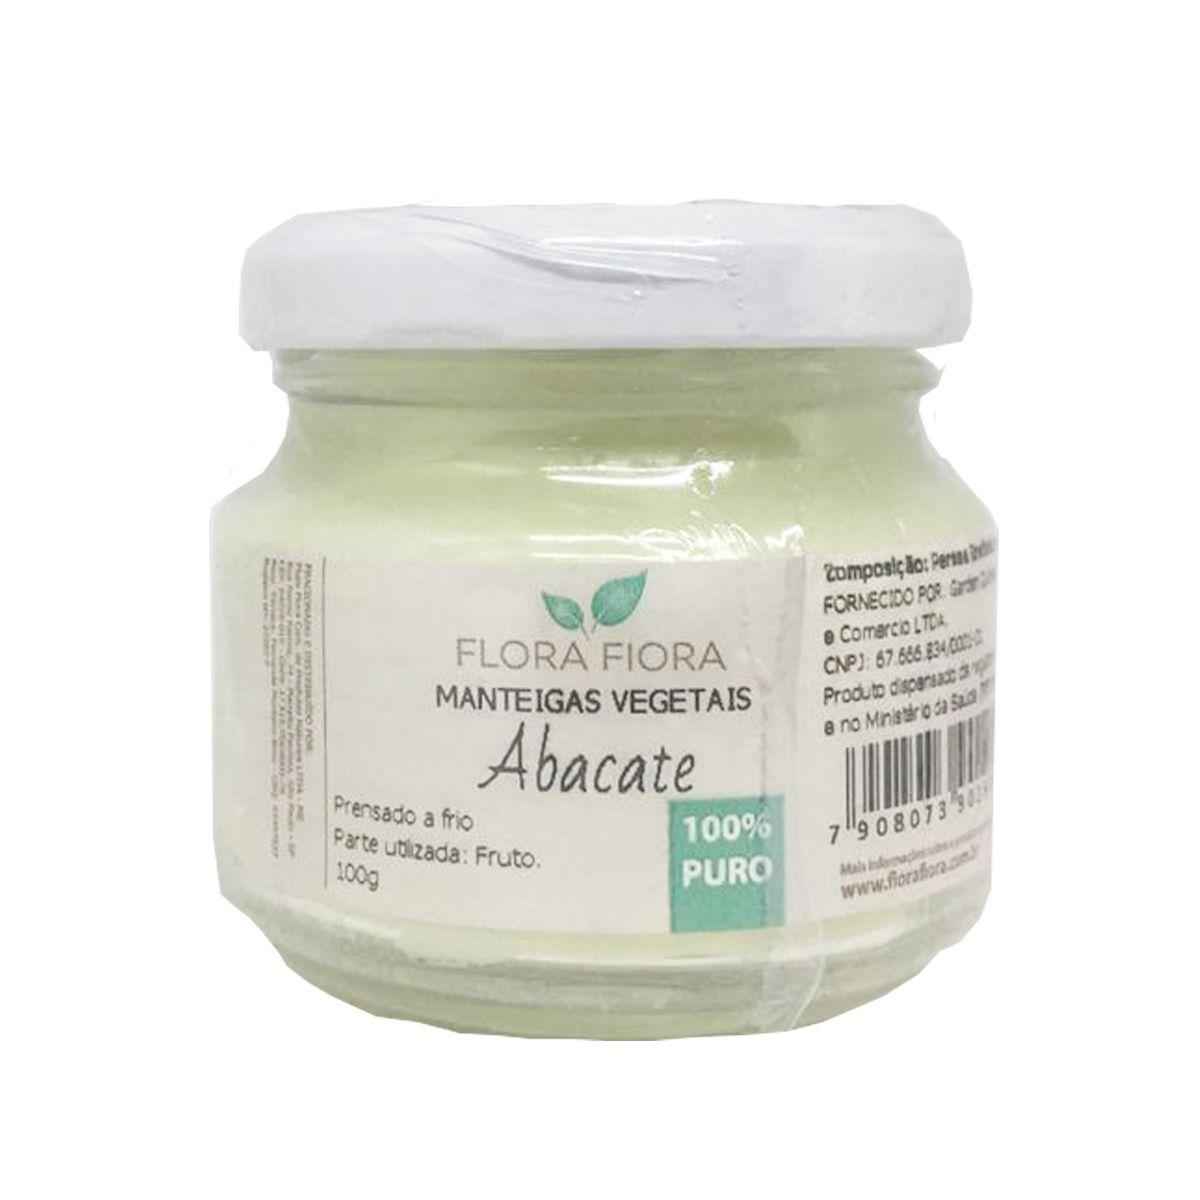 Manteiga Vegetal de Abacate - 100g